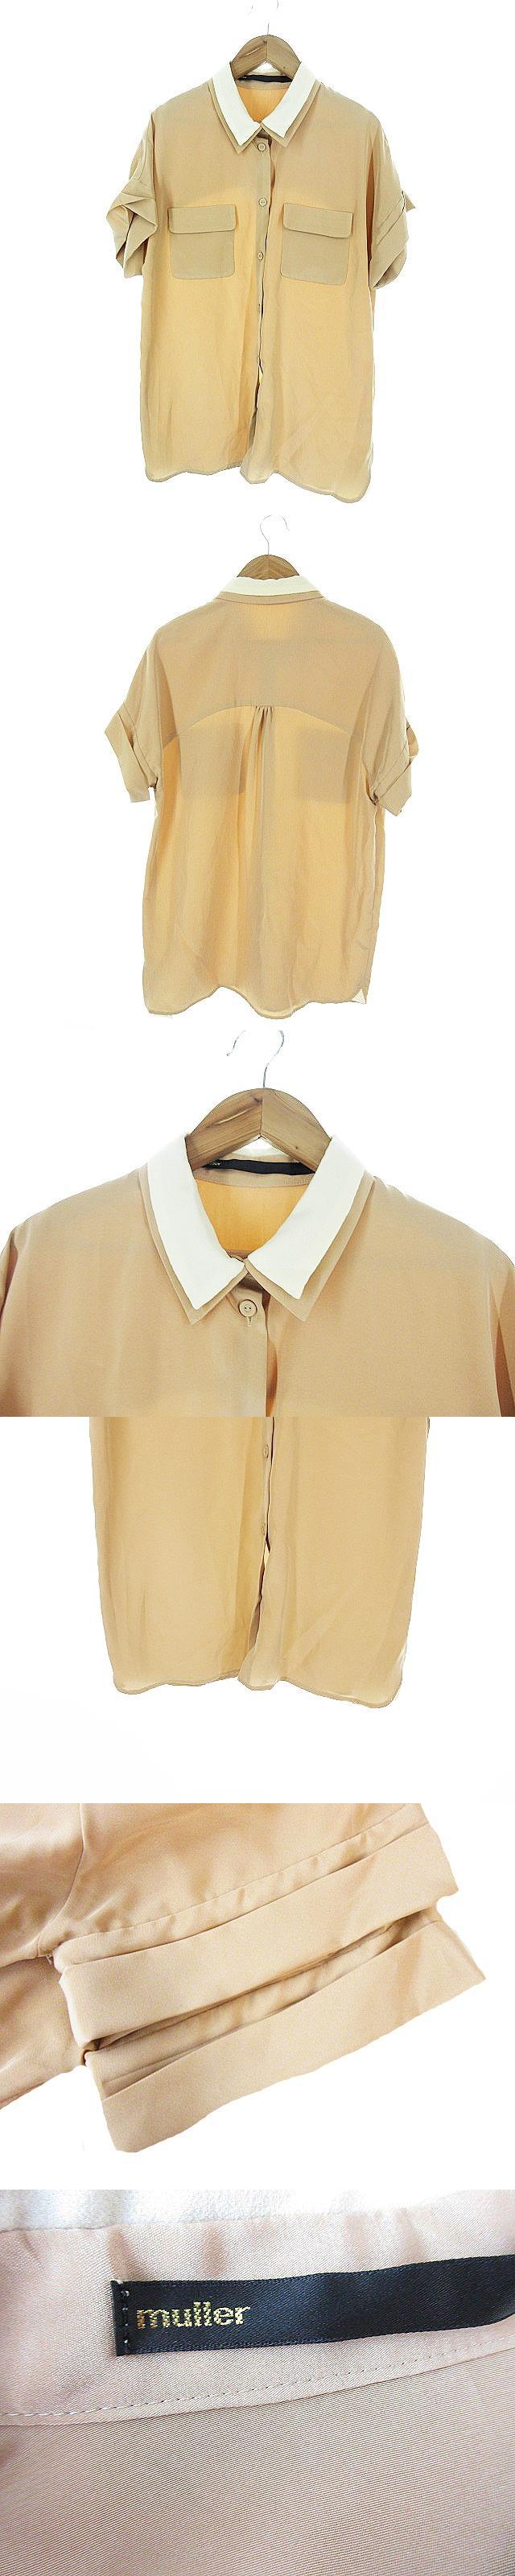 シャツ ブラウス 半袖 ロールアップ 36 ベージュ /AKK15